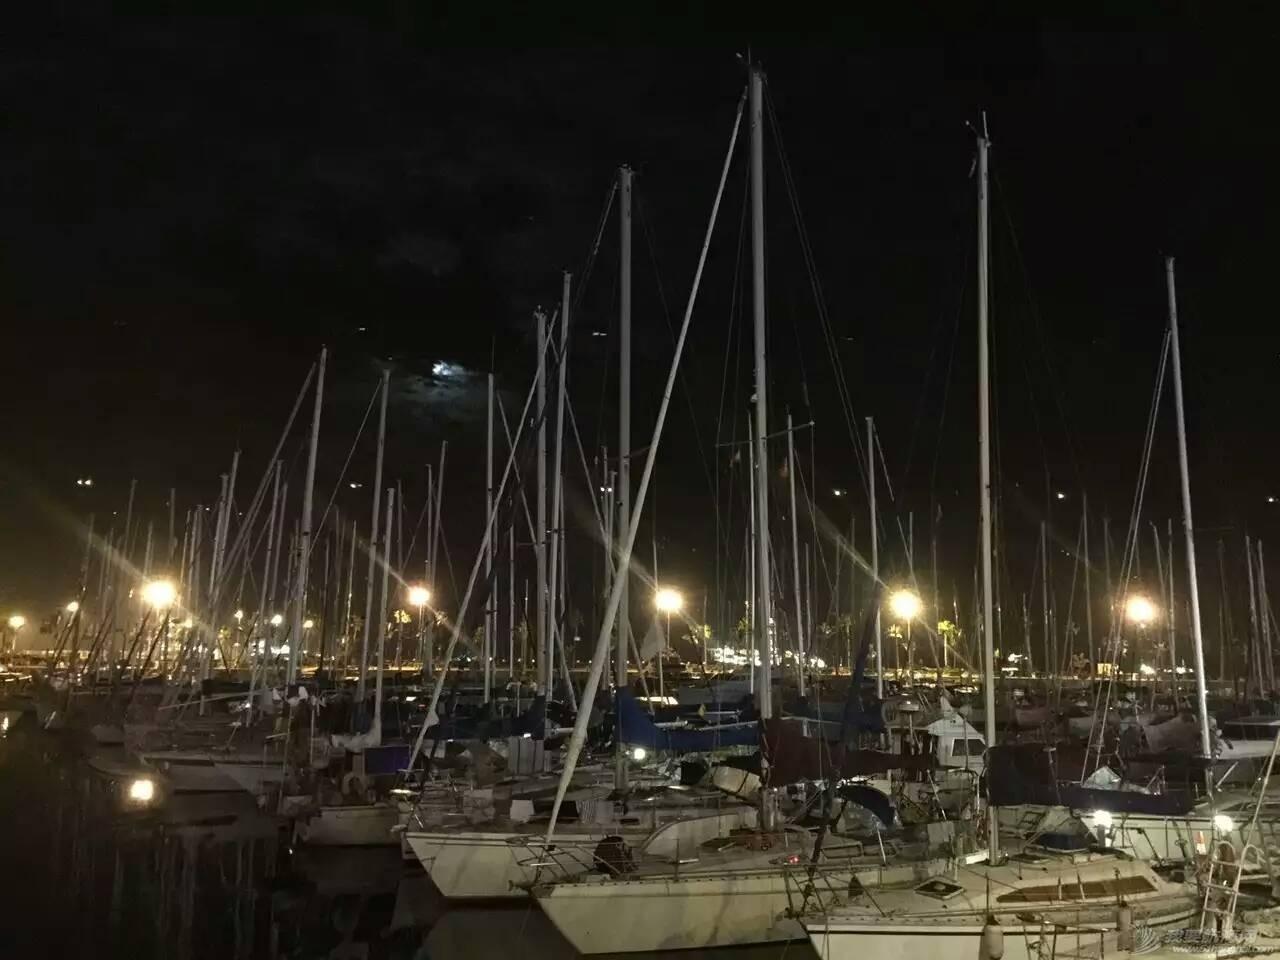 第二梦想号:安全抵达加那利群岛 7f79255826b8b2c77b081e65a921aaf8.jpg